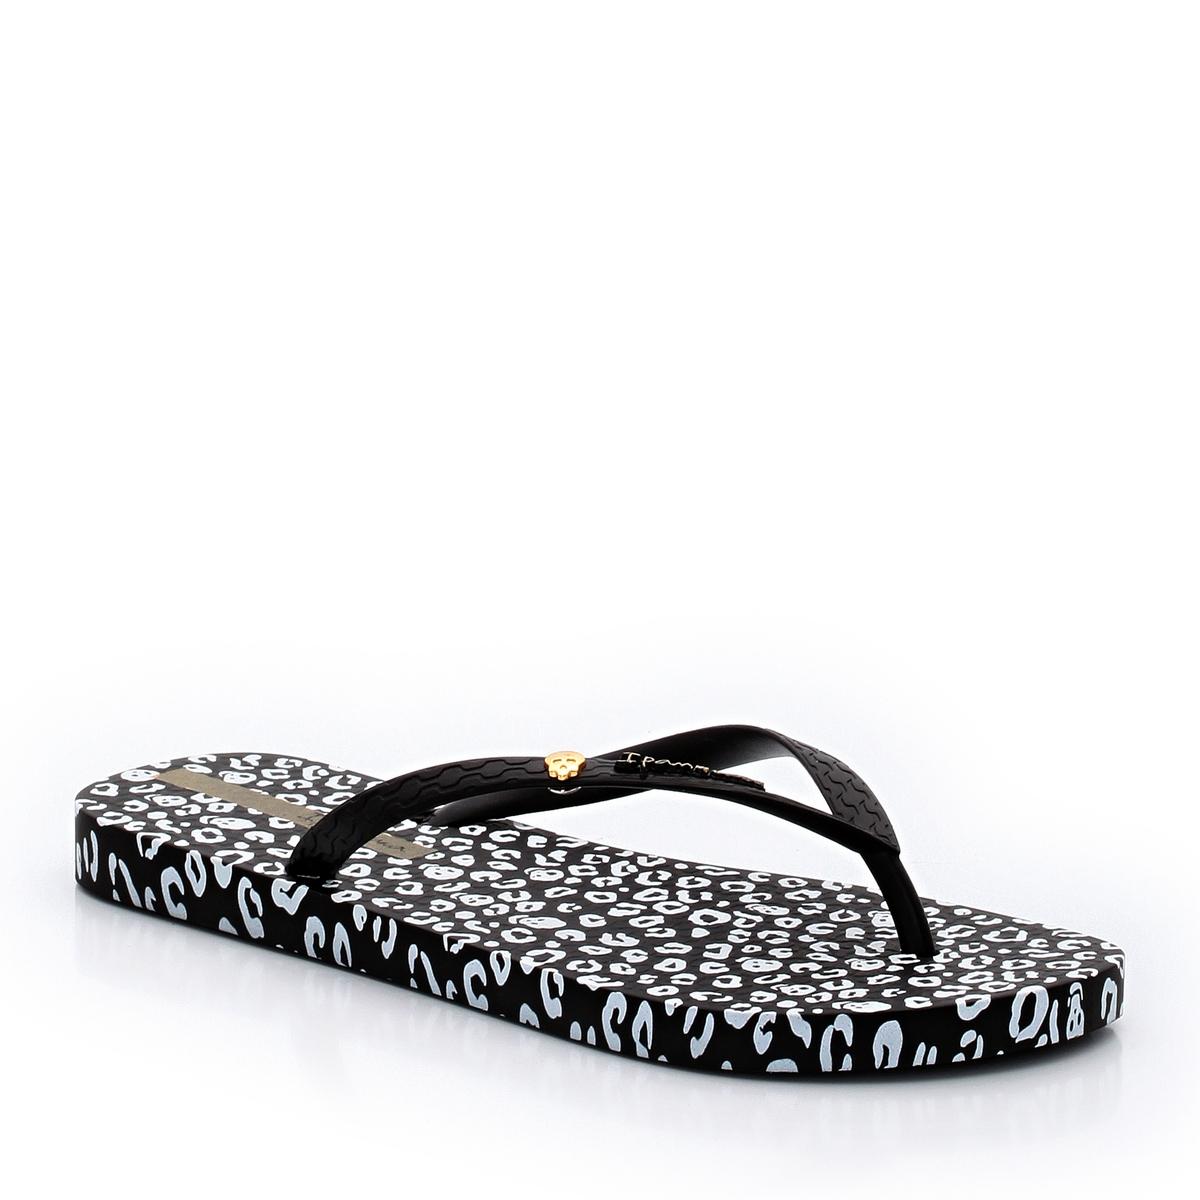 Вьетнамки ANIMAL PRINTПодошва : Синтетический материал     Форма каблука : плоский     Мысок : Открытый.     Застежка : без застежки<br><br>Цвет: черный/ белый